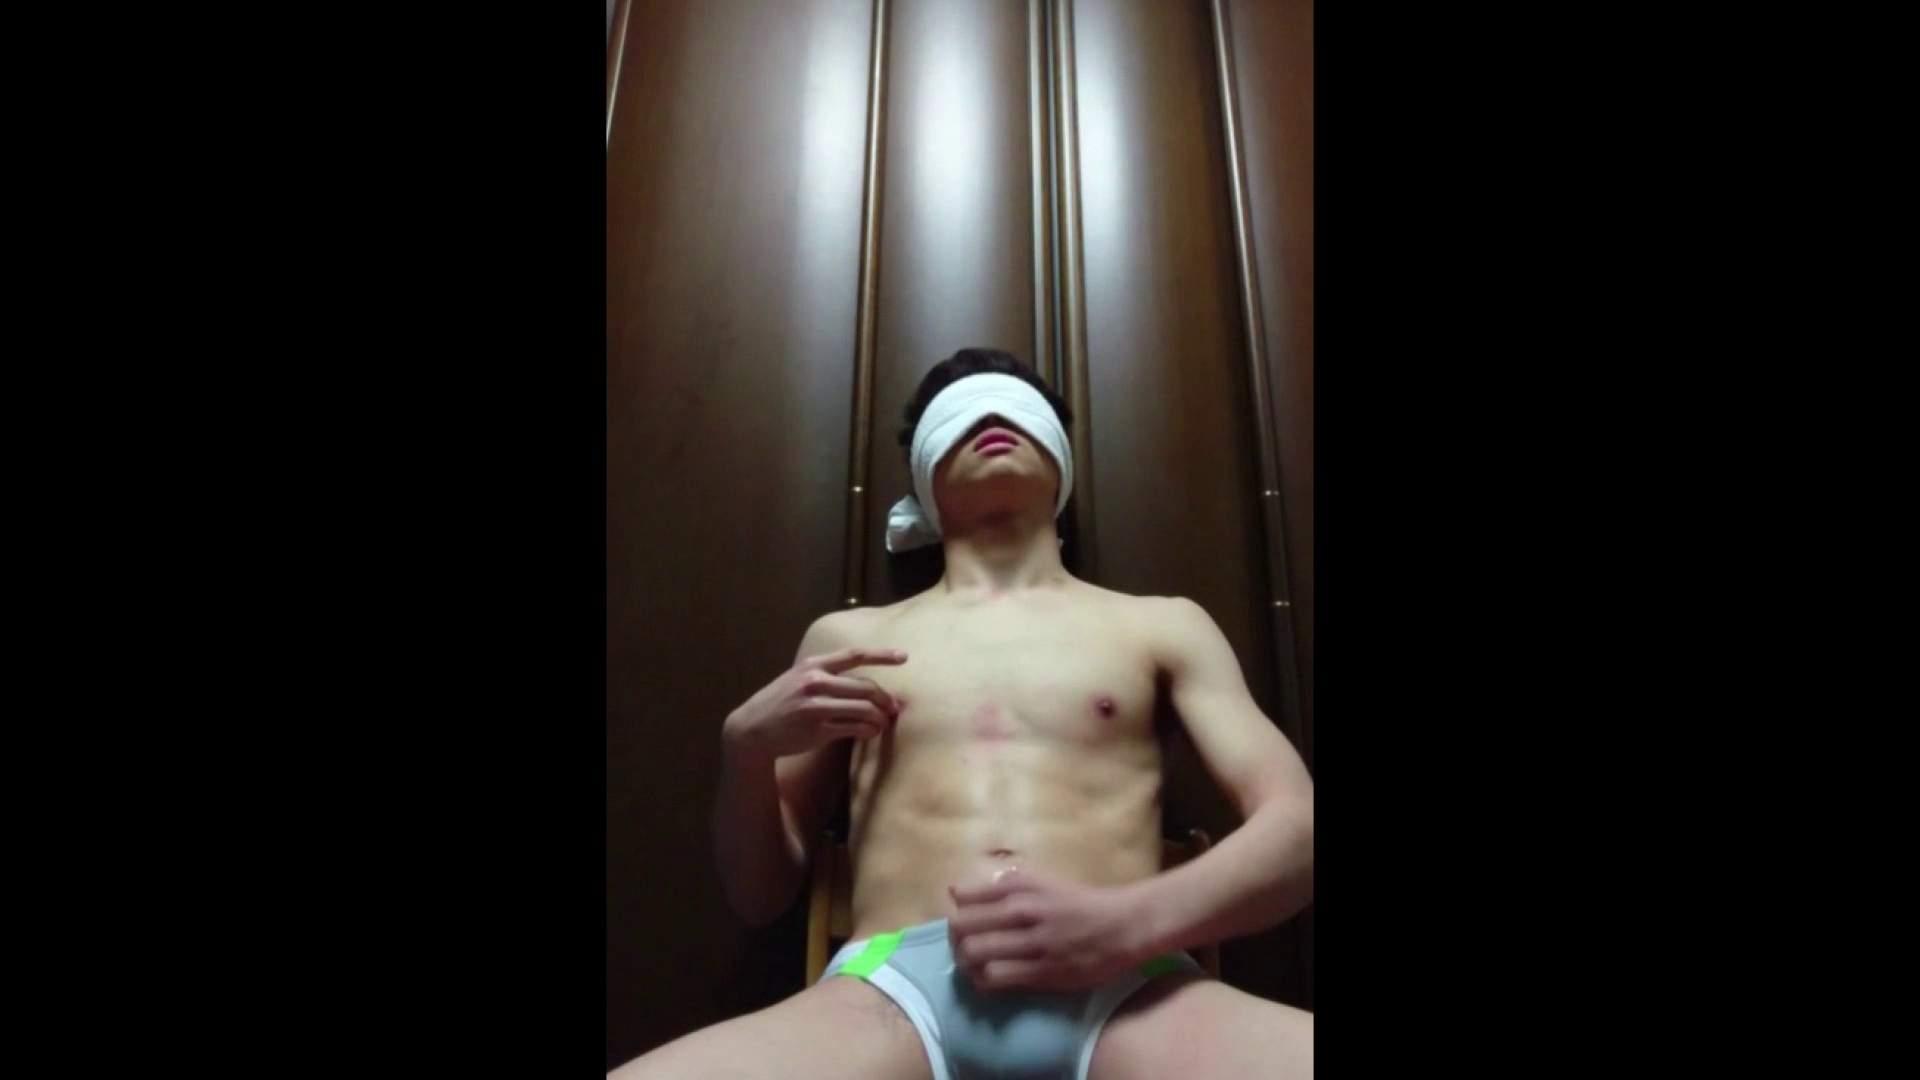 個人撮影 自慰の極意 Vol.21 ゲイのオナニー映像 ゲイセックス画像 107枚 12